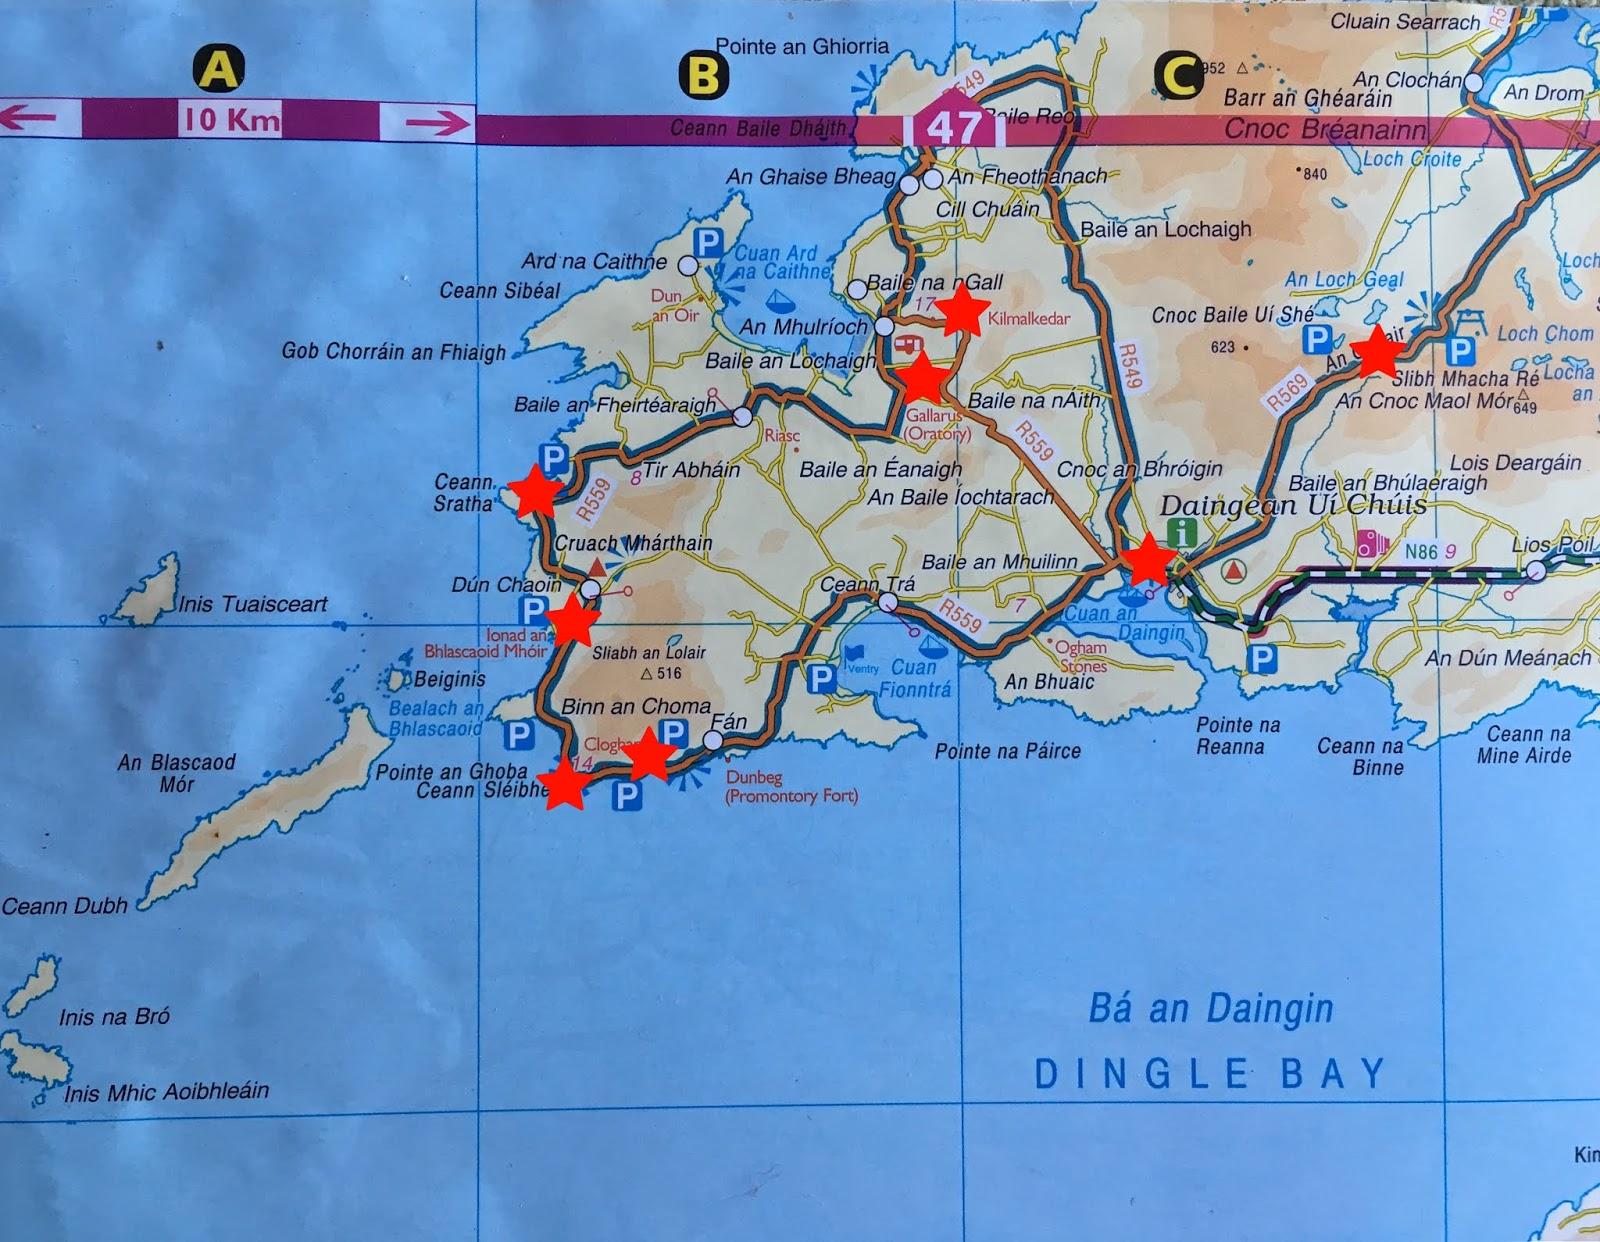 Gypsy Monika: The Dingle Peninsula-The